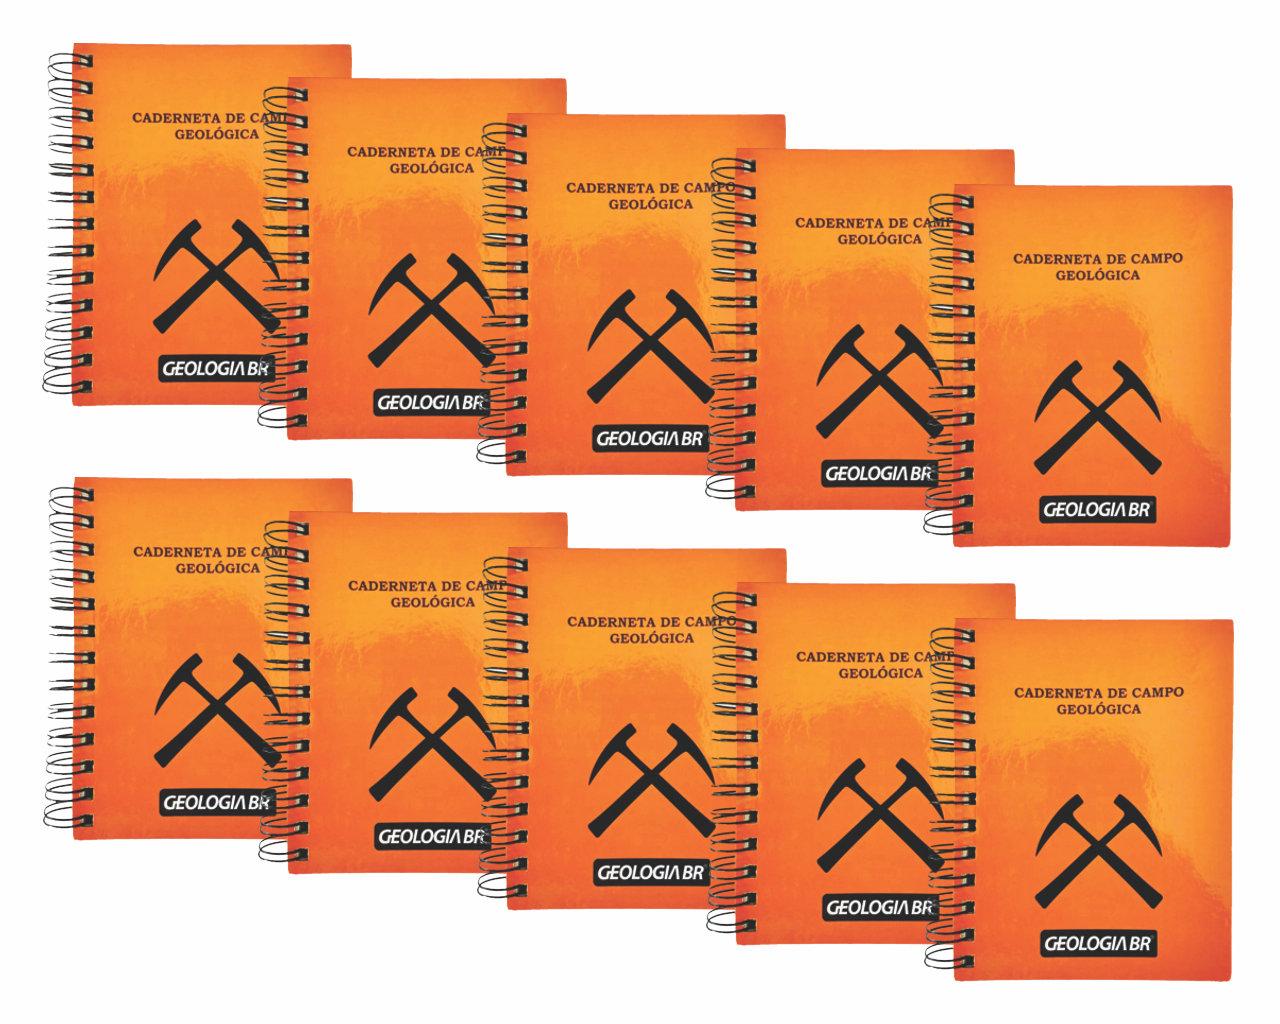 Kit com 10 Unidades - Caderneta de Campo   Geologia BR